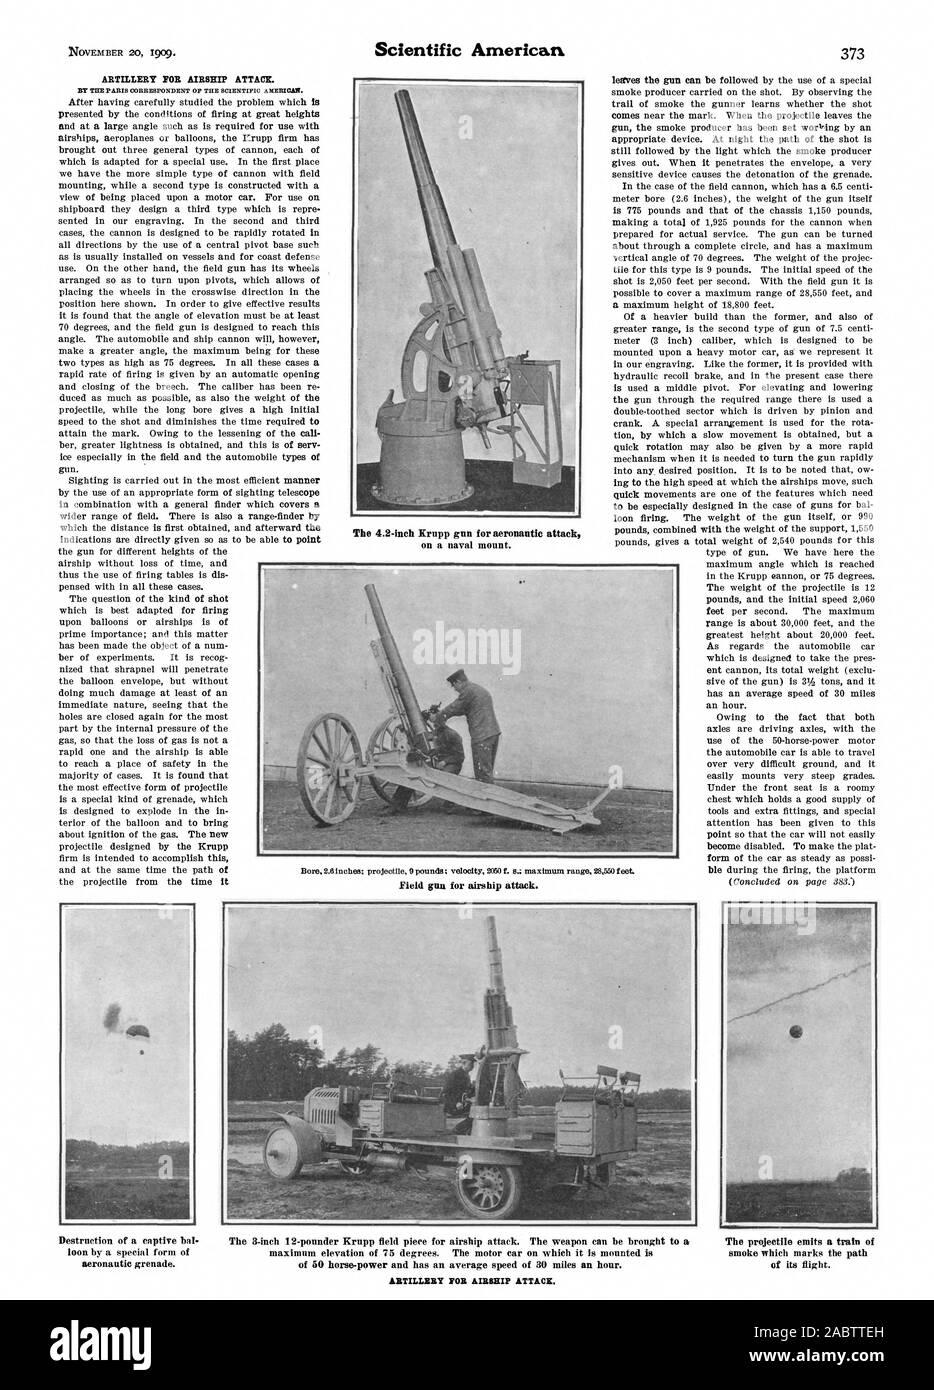 Die 4,2-Zoll Krupp Pistole für Luft- und Raumfahrt in Angriff DURCH DIE PARISER KORRESPONDENT DER WISSENSCHAFTLICHEN AMERICAS. gun. Die am besten für die Zündung einer Stunde angepasst wird. Aufgrund der Tatsache, dass sowohl Feld als Pistole für Luftschiff angreifen. Artillerie für LUFTSCHIFF ANGREIFEN., Scientific American, -1909-11-20 Stockfoto